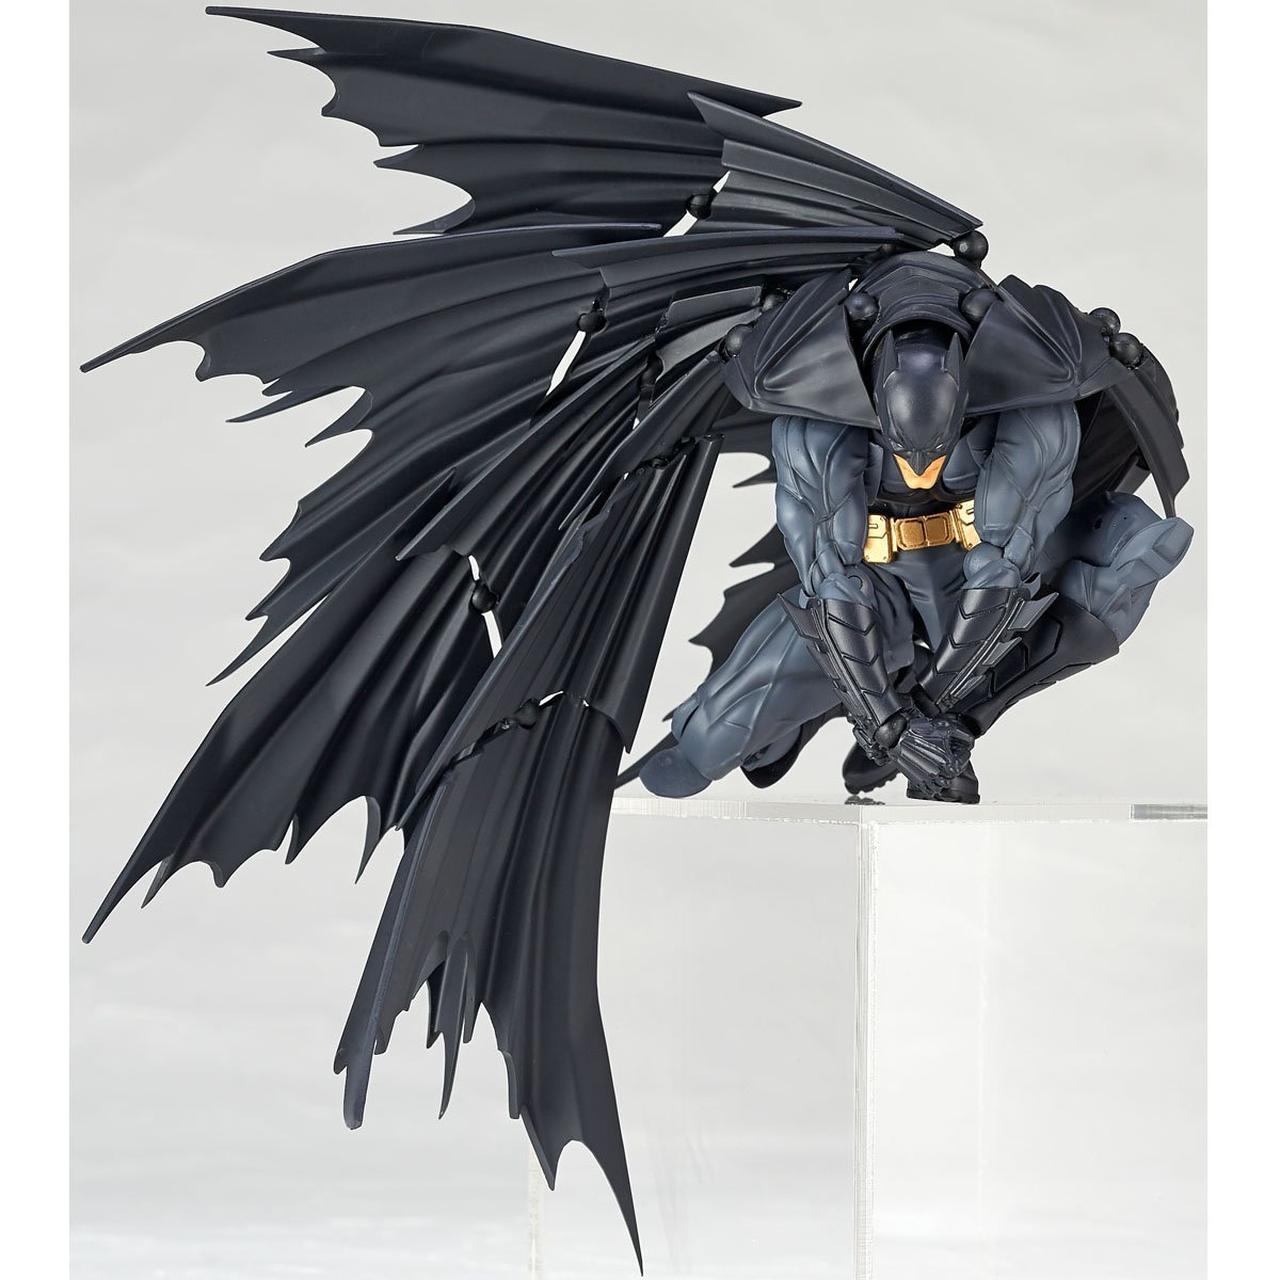 画像3: フィギュアコンプレックス アメイジングヤマグチ powered by リボルテック 「BATMAN バットマン」